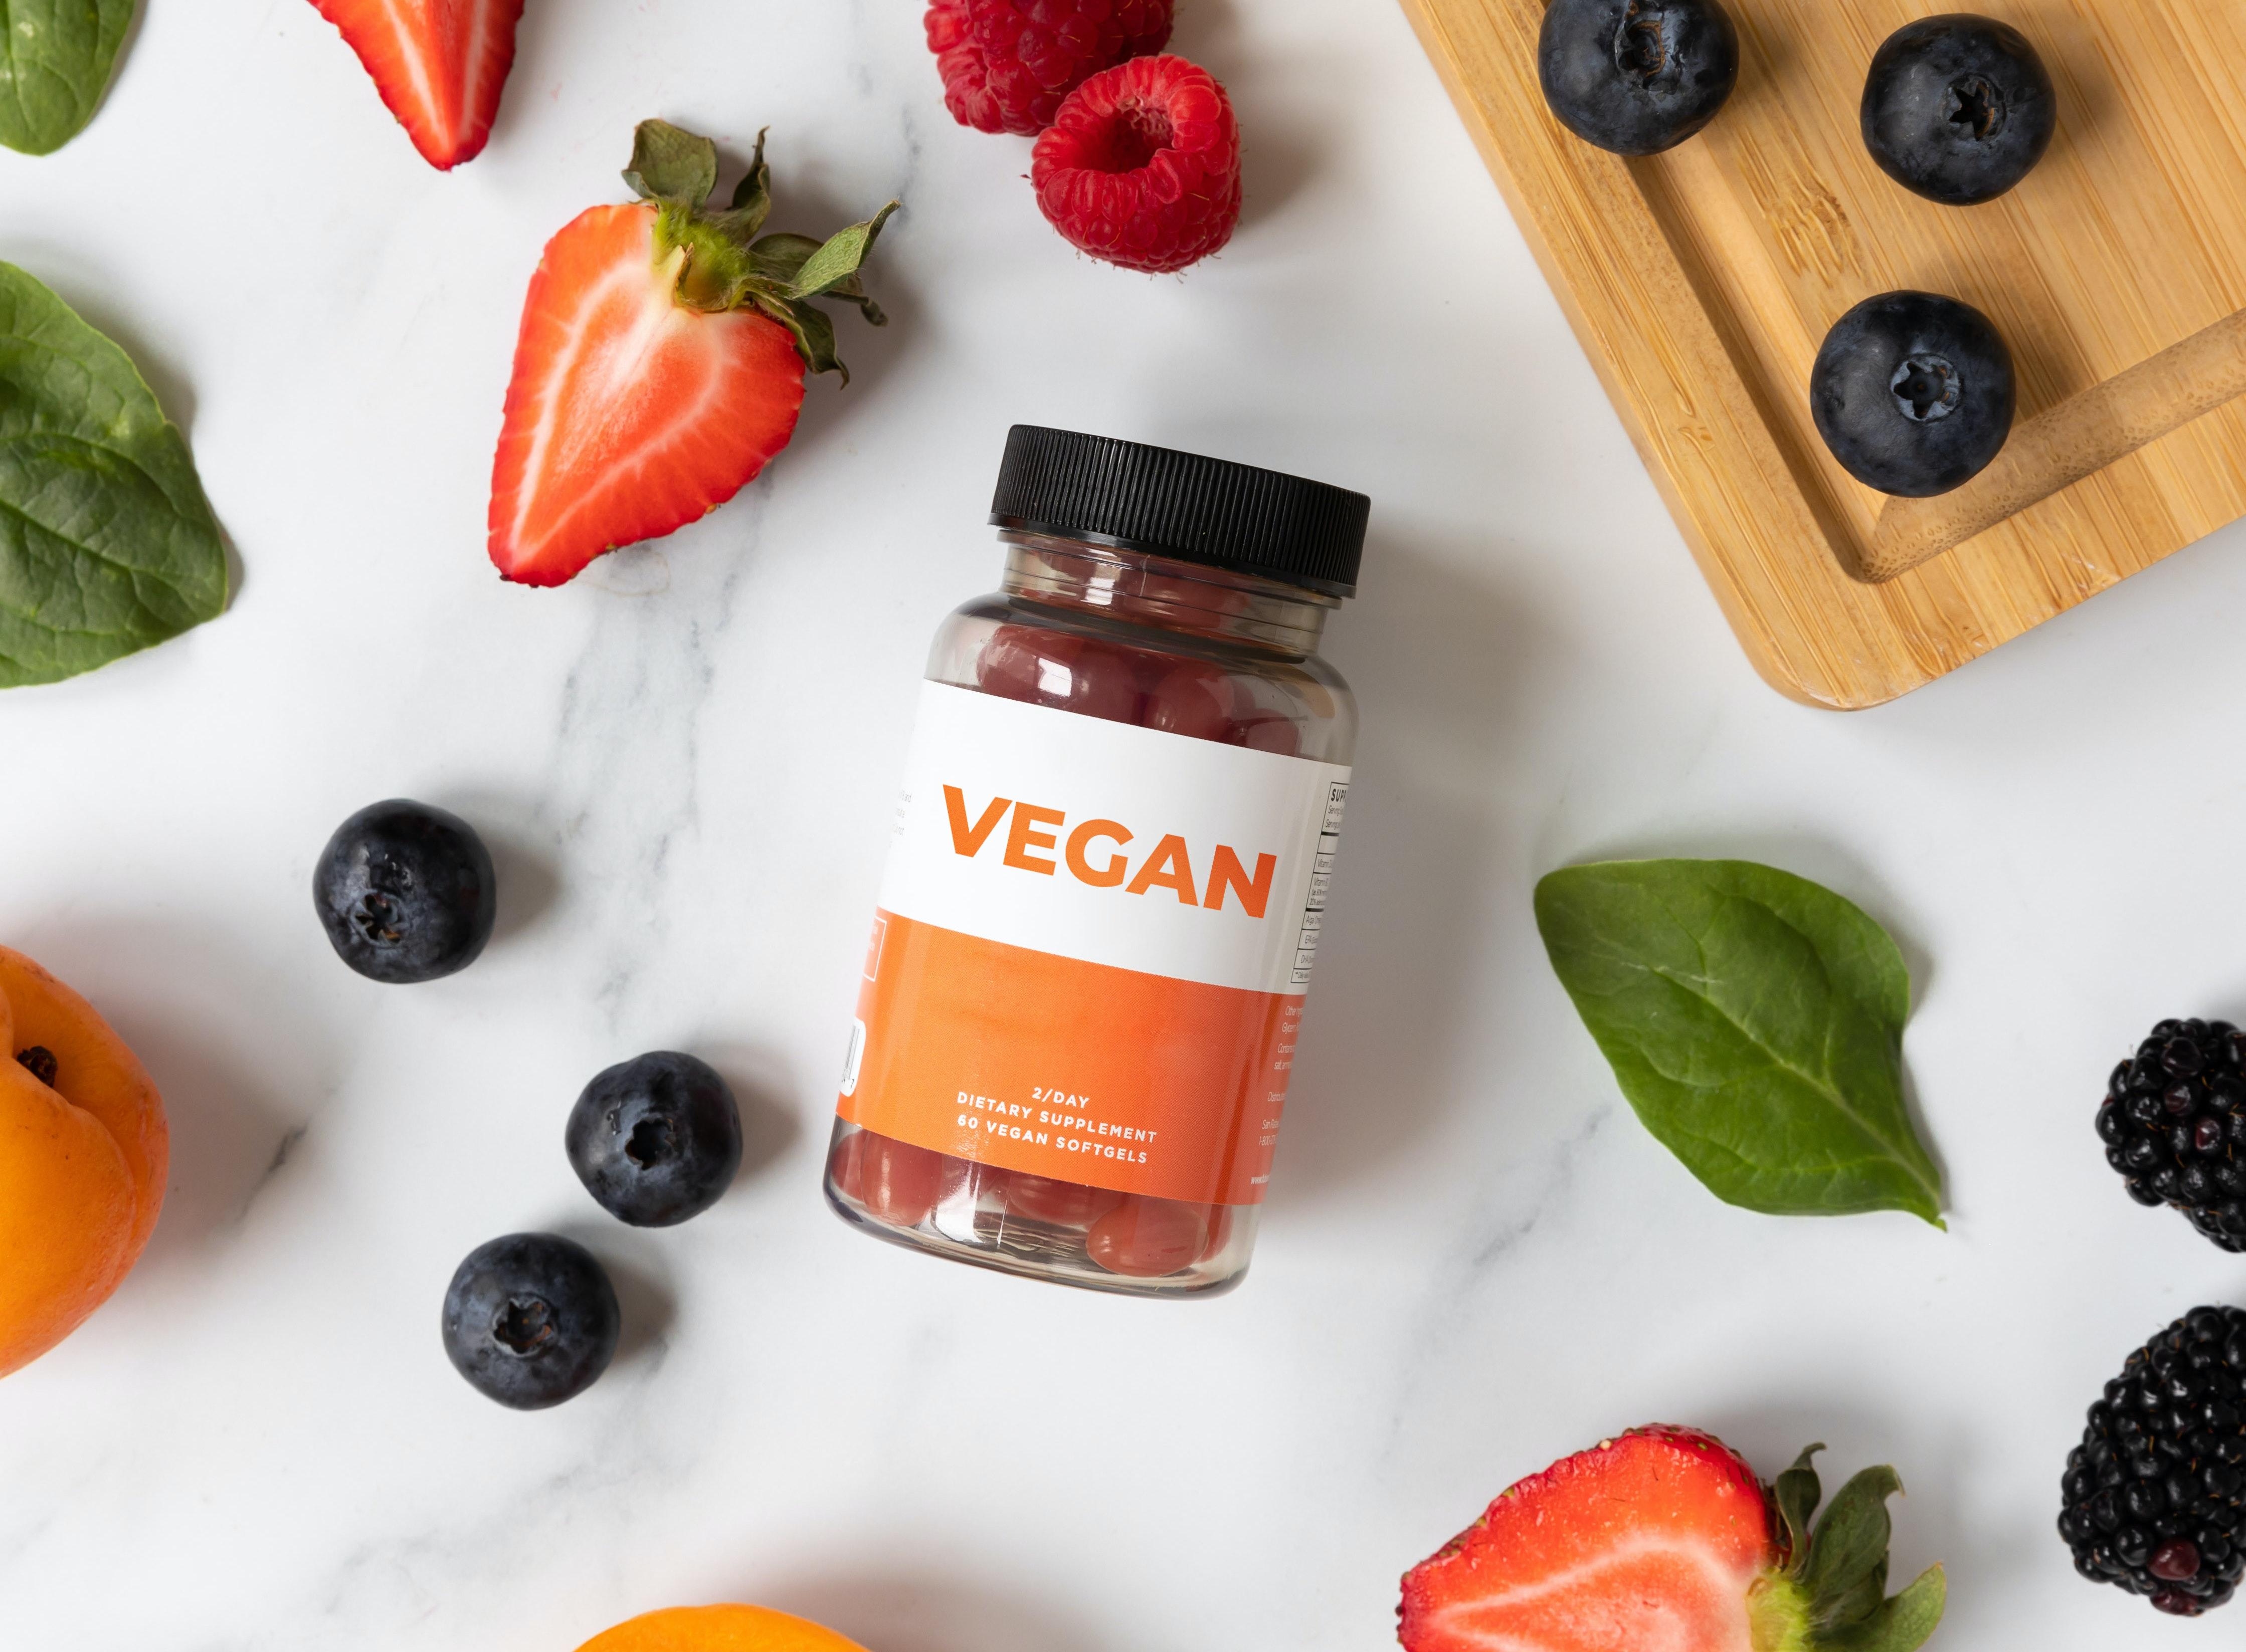 pexels-future-kind-vegan-supplements-4607248